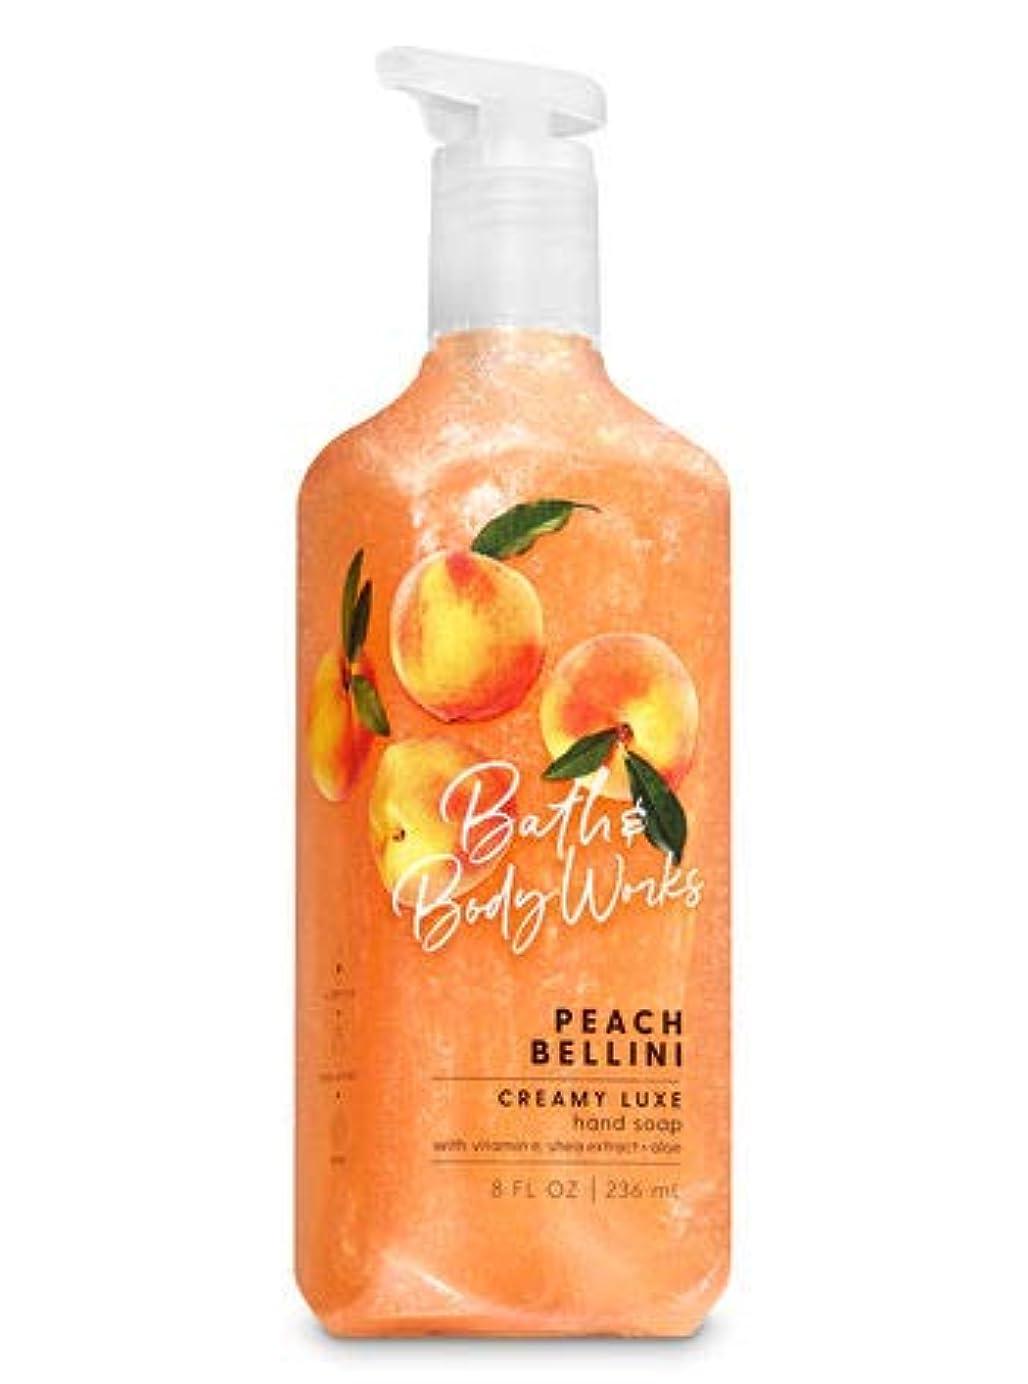 花火前件常習的バス&ボディワークス ピーチベリーニ クリーミーハンドソープ Peach Bellini Creamy Luxe Hand Soap With Vitamine E Shea Extract + Aloe